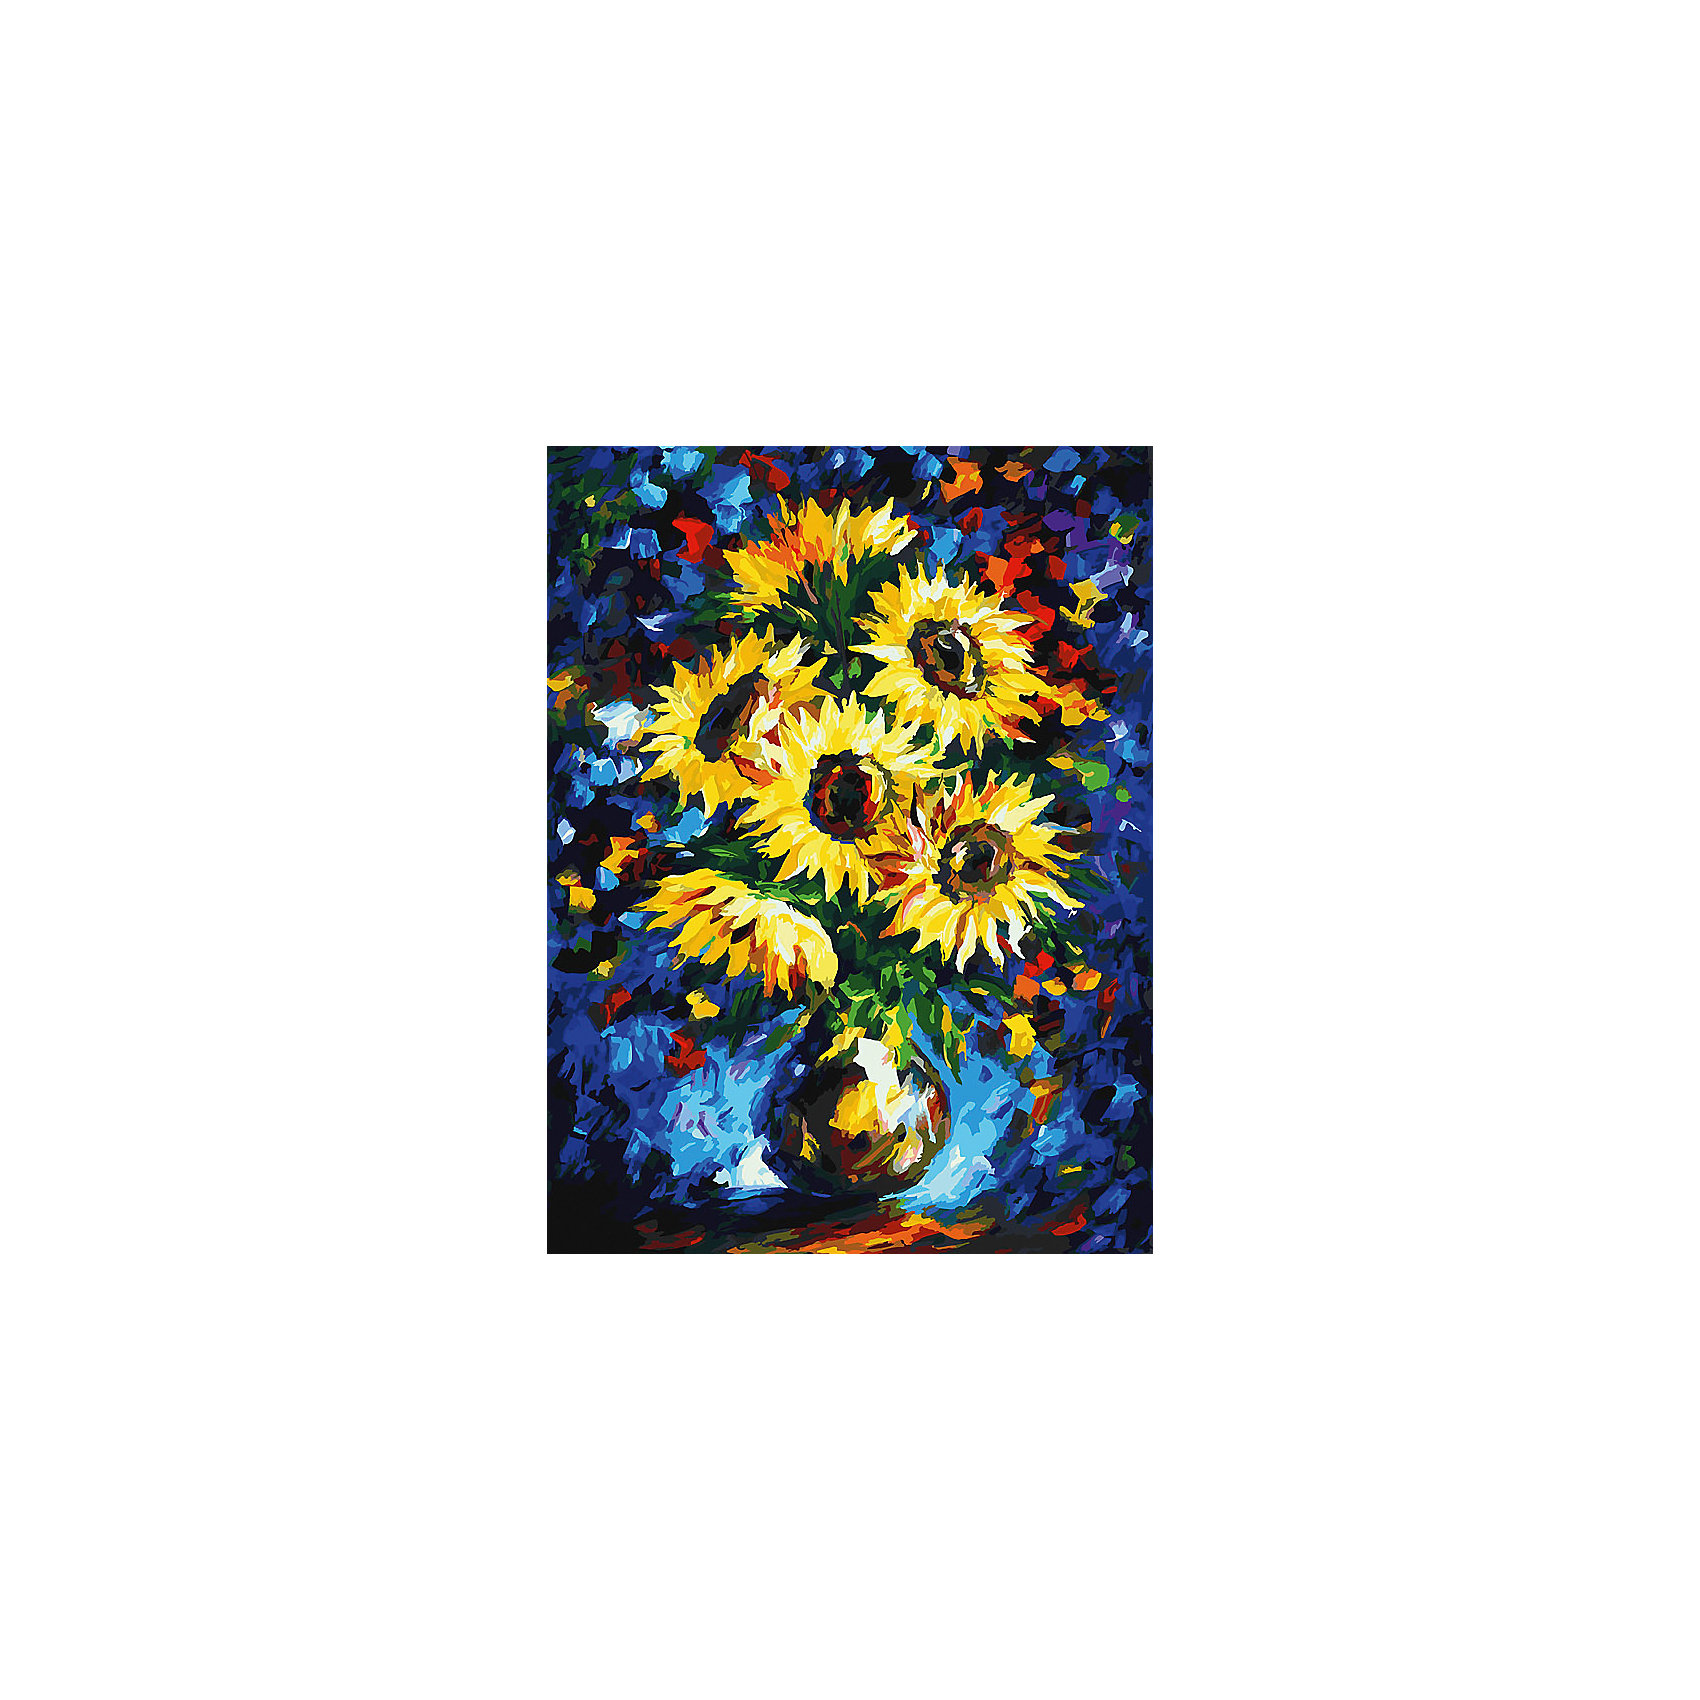 Живопись на холсте 30*40 см Ночные подсолнухиРаскраски по номерам<br>Характеристики товара:<br><br>• цвет: разноцветный<br>• материал: акрил, картон<br>• размер: 30 x 40 см<br>• комплектация: полотно на подрамнике с контурами рисунка, пробный лист с рисунком, набор акриловых красок, три кисти, крепление на стену для картины<br>• для детей от шести лет и взрослых<br>• не требует специальных навыков<br>• страна бренда: Китай<br>• страна изготовитель: Китай<br><br>Как с удовольствием и пользой провести время? Порисовать! Это занятие, которое любят многие дети и взрослые. Рисование помогает развить важные навыки и просто приносит удовольствие! Чтобы вселить в ребенка уверенность в своих силах, можно предложить ему этот набор - в нем уже есть сюжет, контуры рисунка и участки с номерами, которые обозначают определенную краску из набора. Все оттенки уже готовы, задача художника - аккуратно, с помощью кисточек из набора, нанести краски на определенный участок полотна.<br>Взрослым также понравится этот процесс, рисовать можно и вместе с малышом! В итоге получается красивая картина, которой можно украсить интерьер. Рисование способствует развитию мелкой моторики, воображения, цветовосприятия, творческих способностей и усидчивости. Набор отлично проработан, сделан из качественных и проверенных материалов, которые безопасны для детей. Краски - акриловые, они быстро сохнут и легко смываются с кожи.<br><br>Живопись на холсте 30*40 см Ночные подсолнухи от торговой марки Белоснежка можно купить в нашем интернет-магазине.<br><br>Ширина мм: 410<br>Глубина мм: 310<br>Высота мм: 25<br>Вес г: 567<br>Возраст от месяцев: 72<br>Возраст до месяцев: 144<br>Пол: Унисекс<br>Возраст: Детский<br>SKU: 5089710